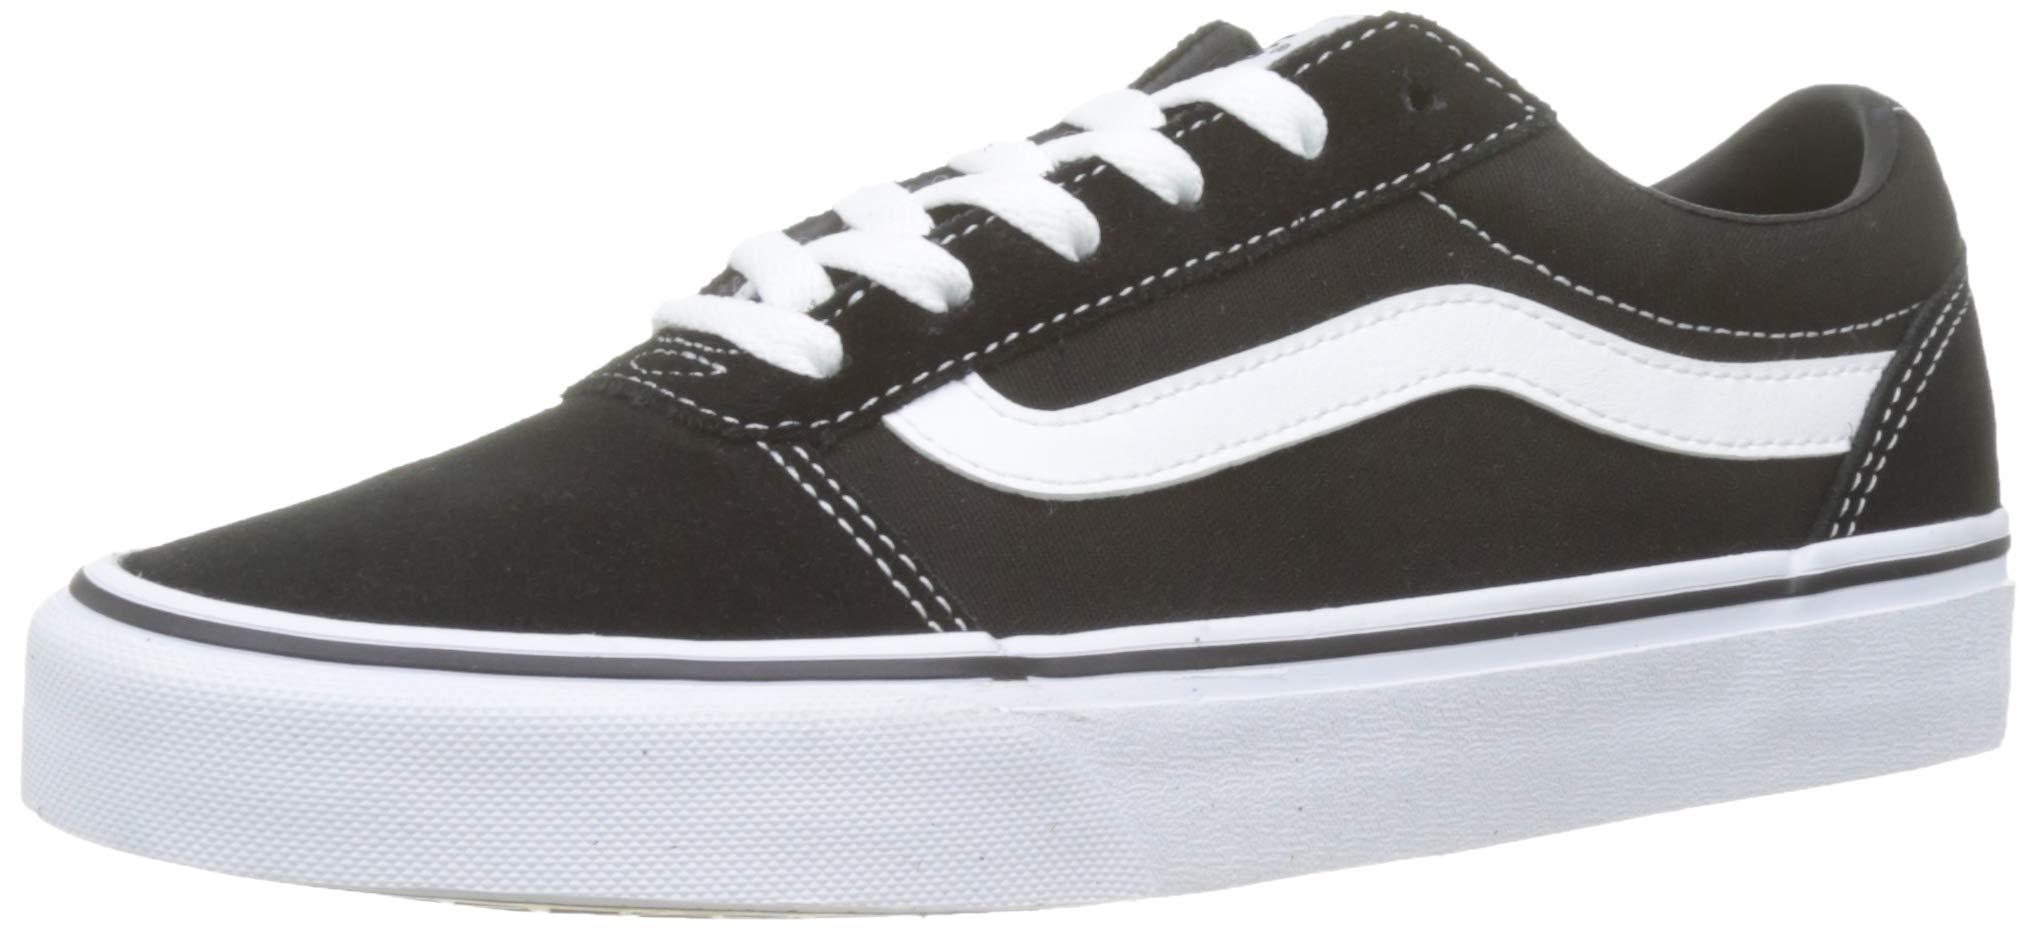 Vans Women's Ward Suede/Canvas Sneaker